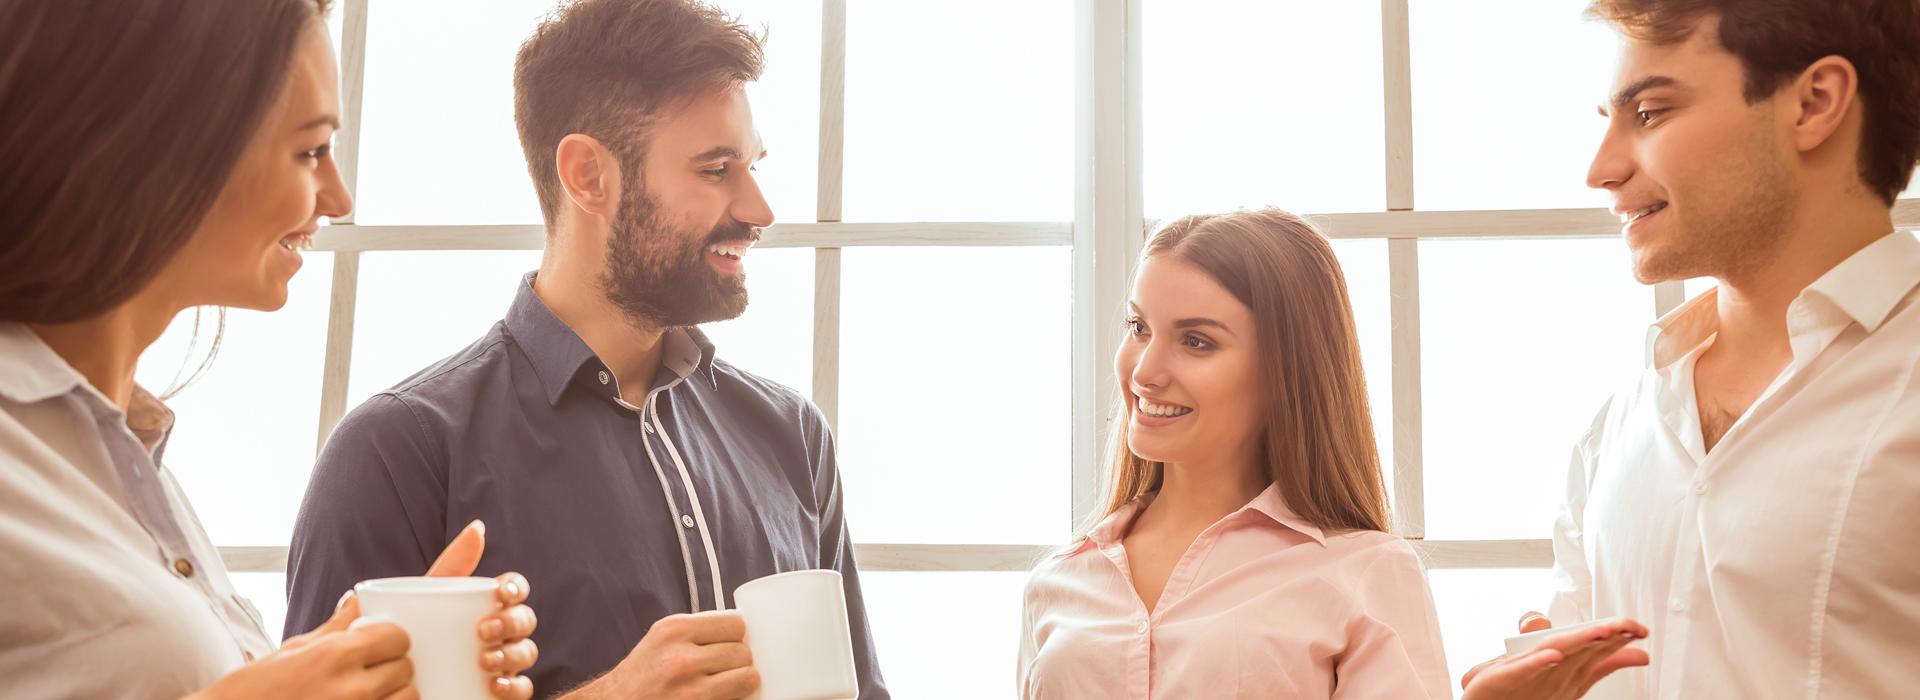 職場閒聊5策略 提升你的人際關係